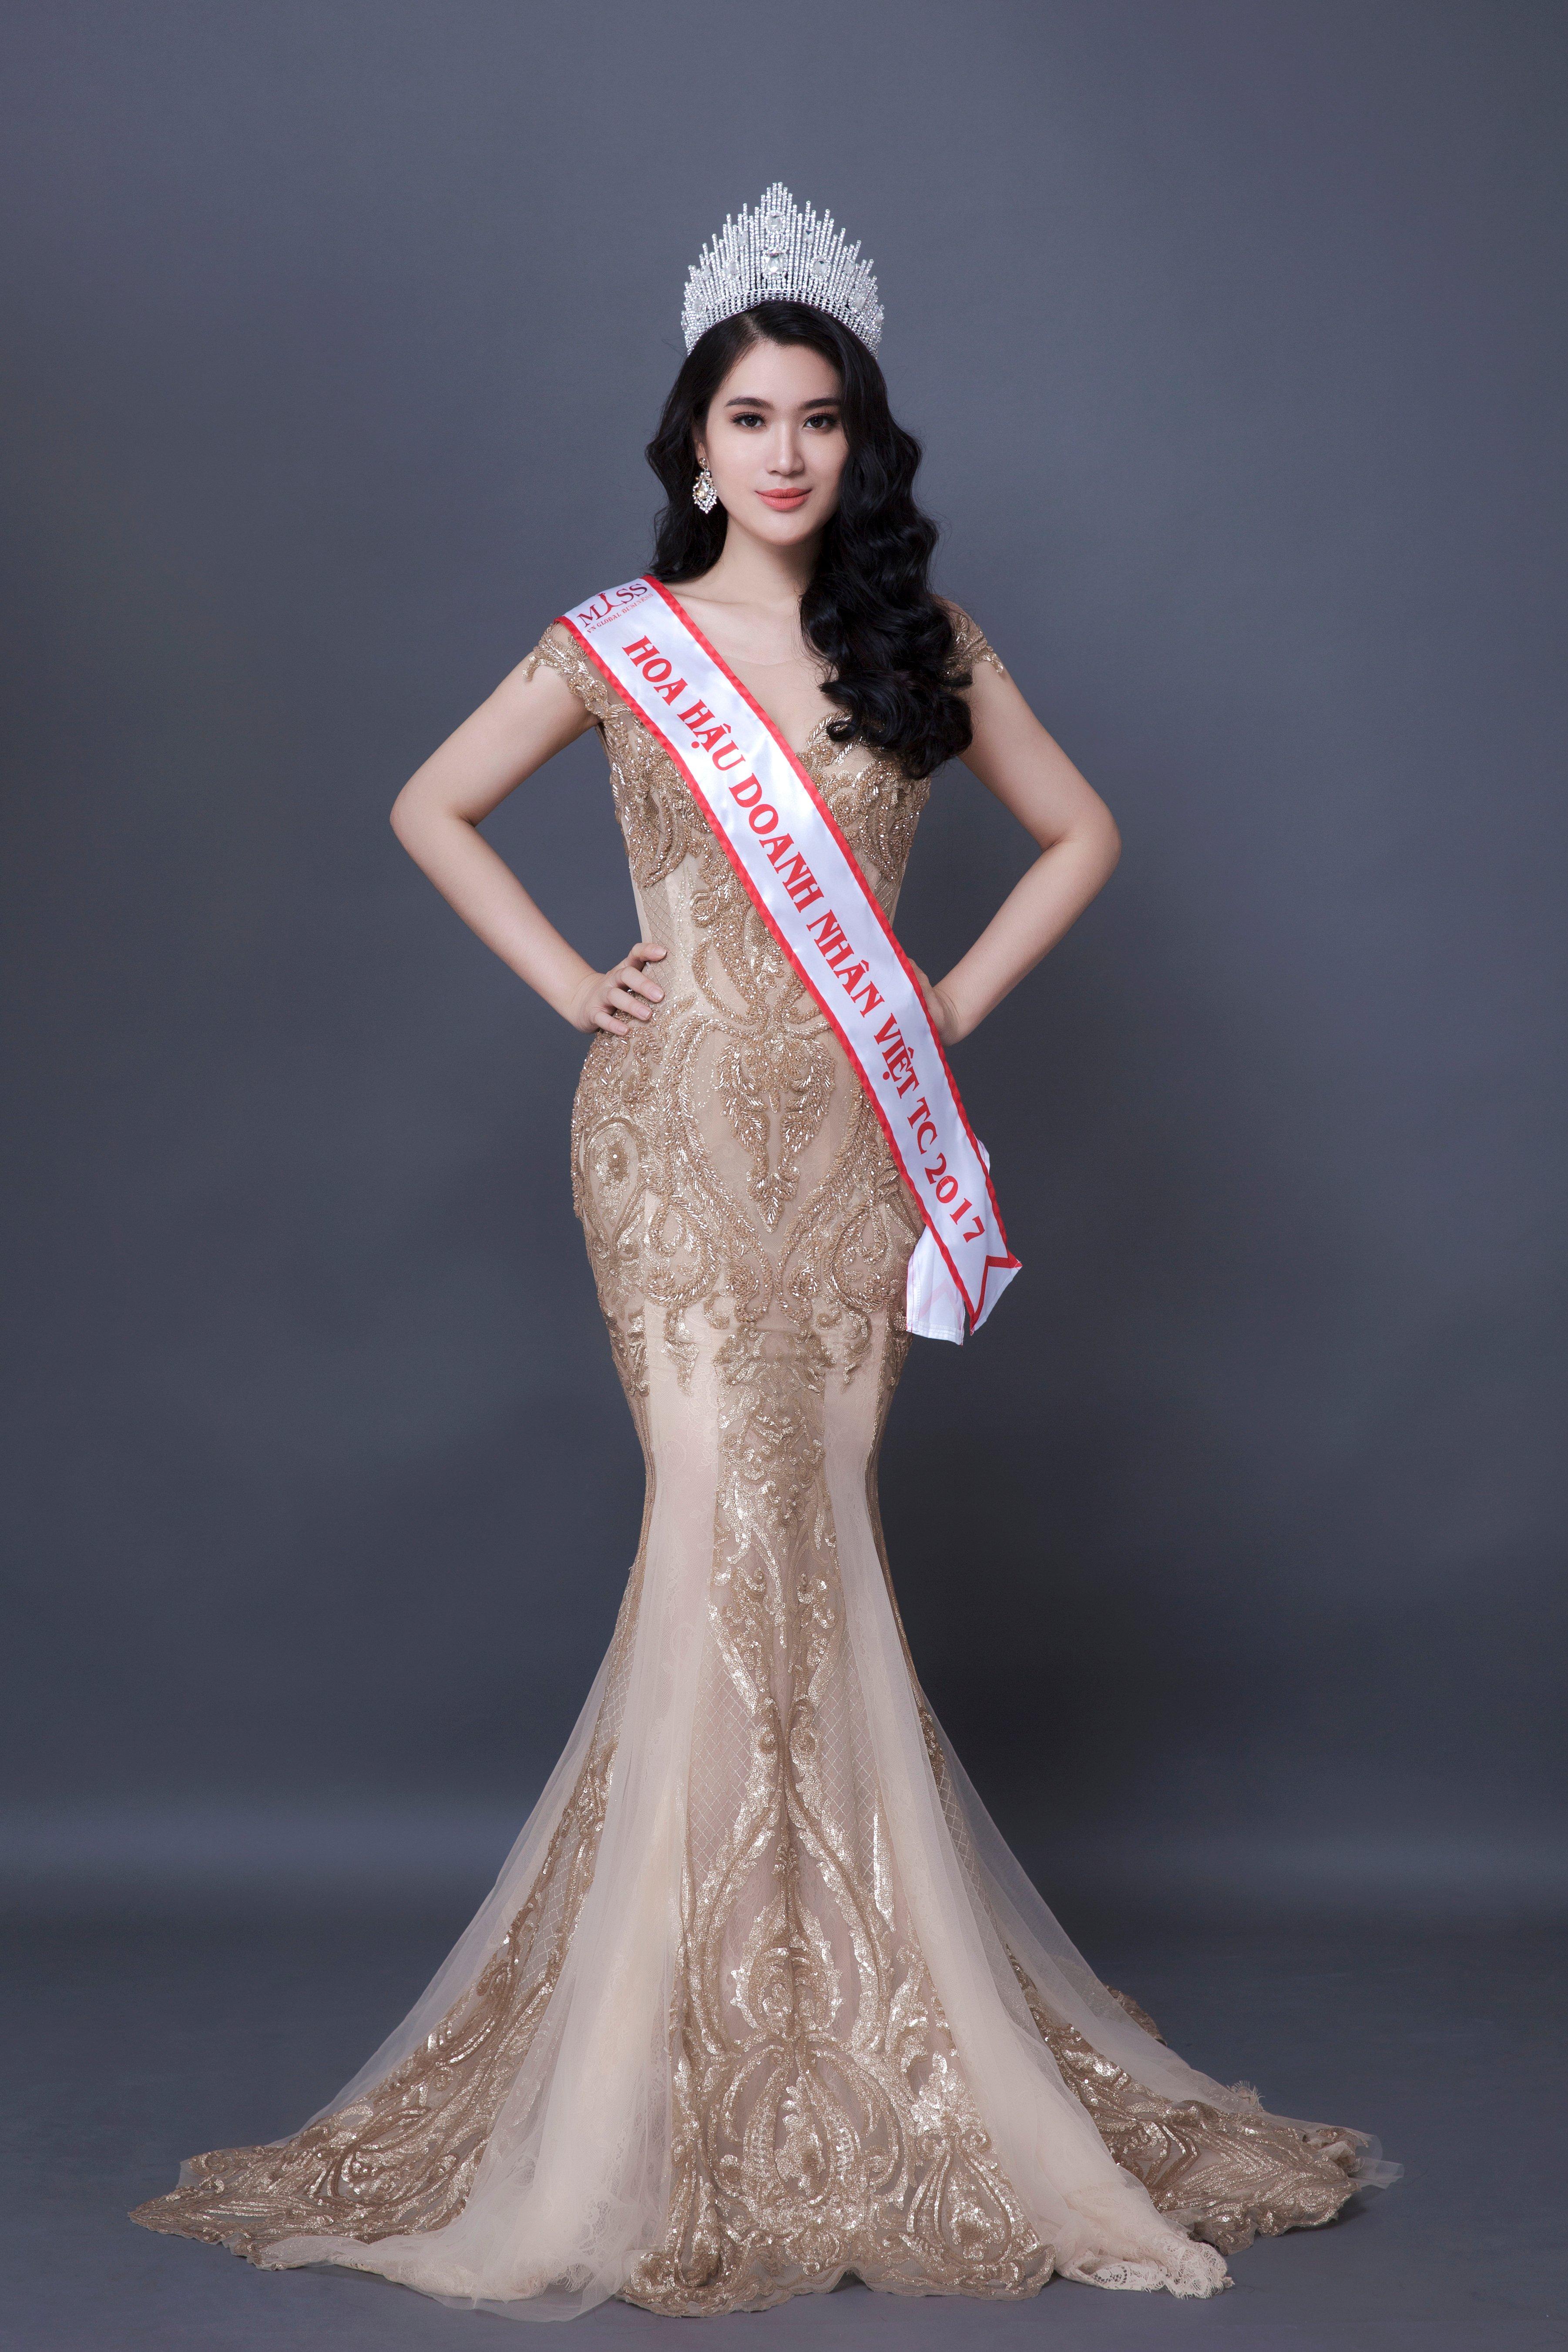 Hình ảnh Hoa hậu Vũ Bình Minh khoe sắc vóc vạn người mê trong bộ ảnh mới số 2